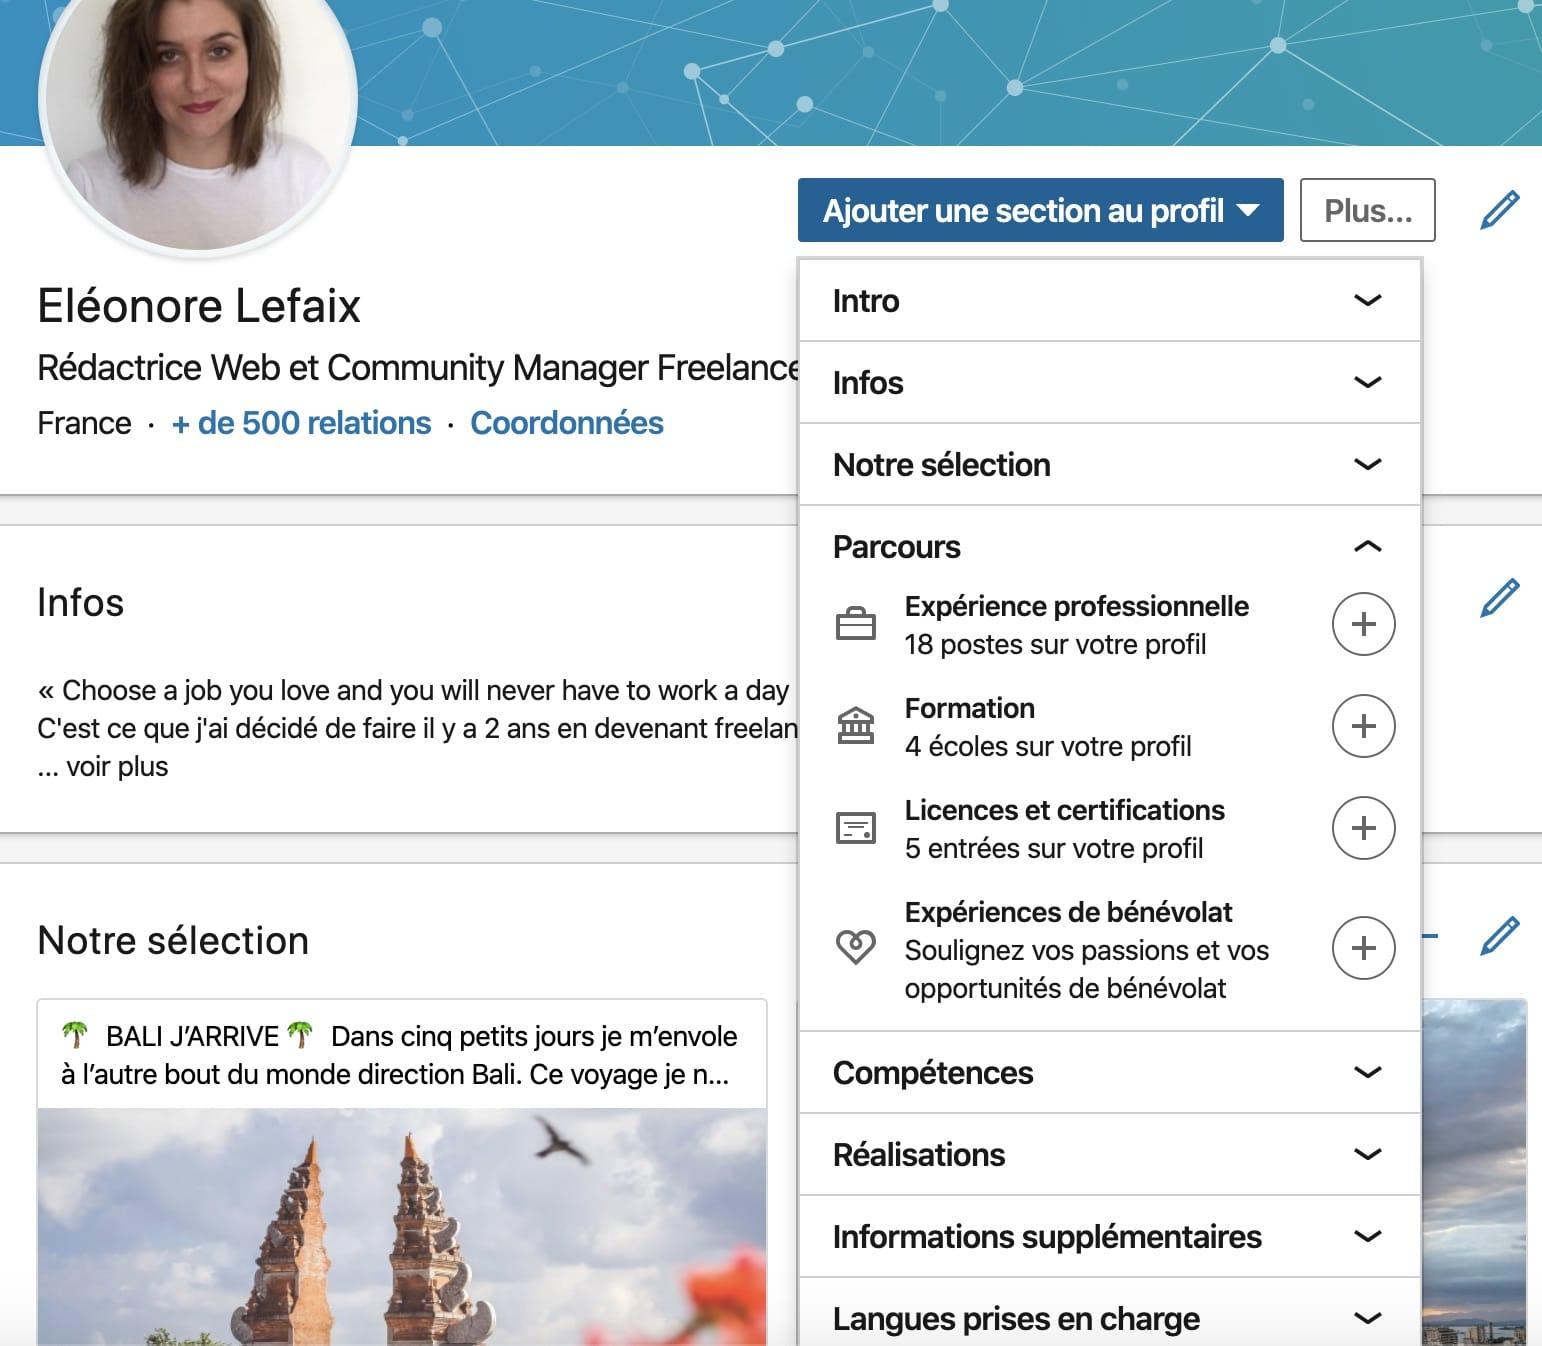 Les différentes sections d'un profil sur LinkedIn